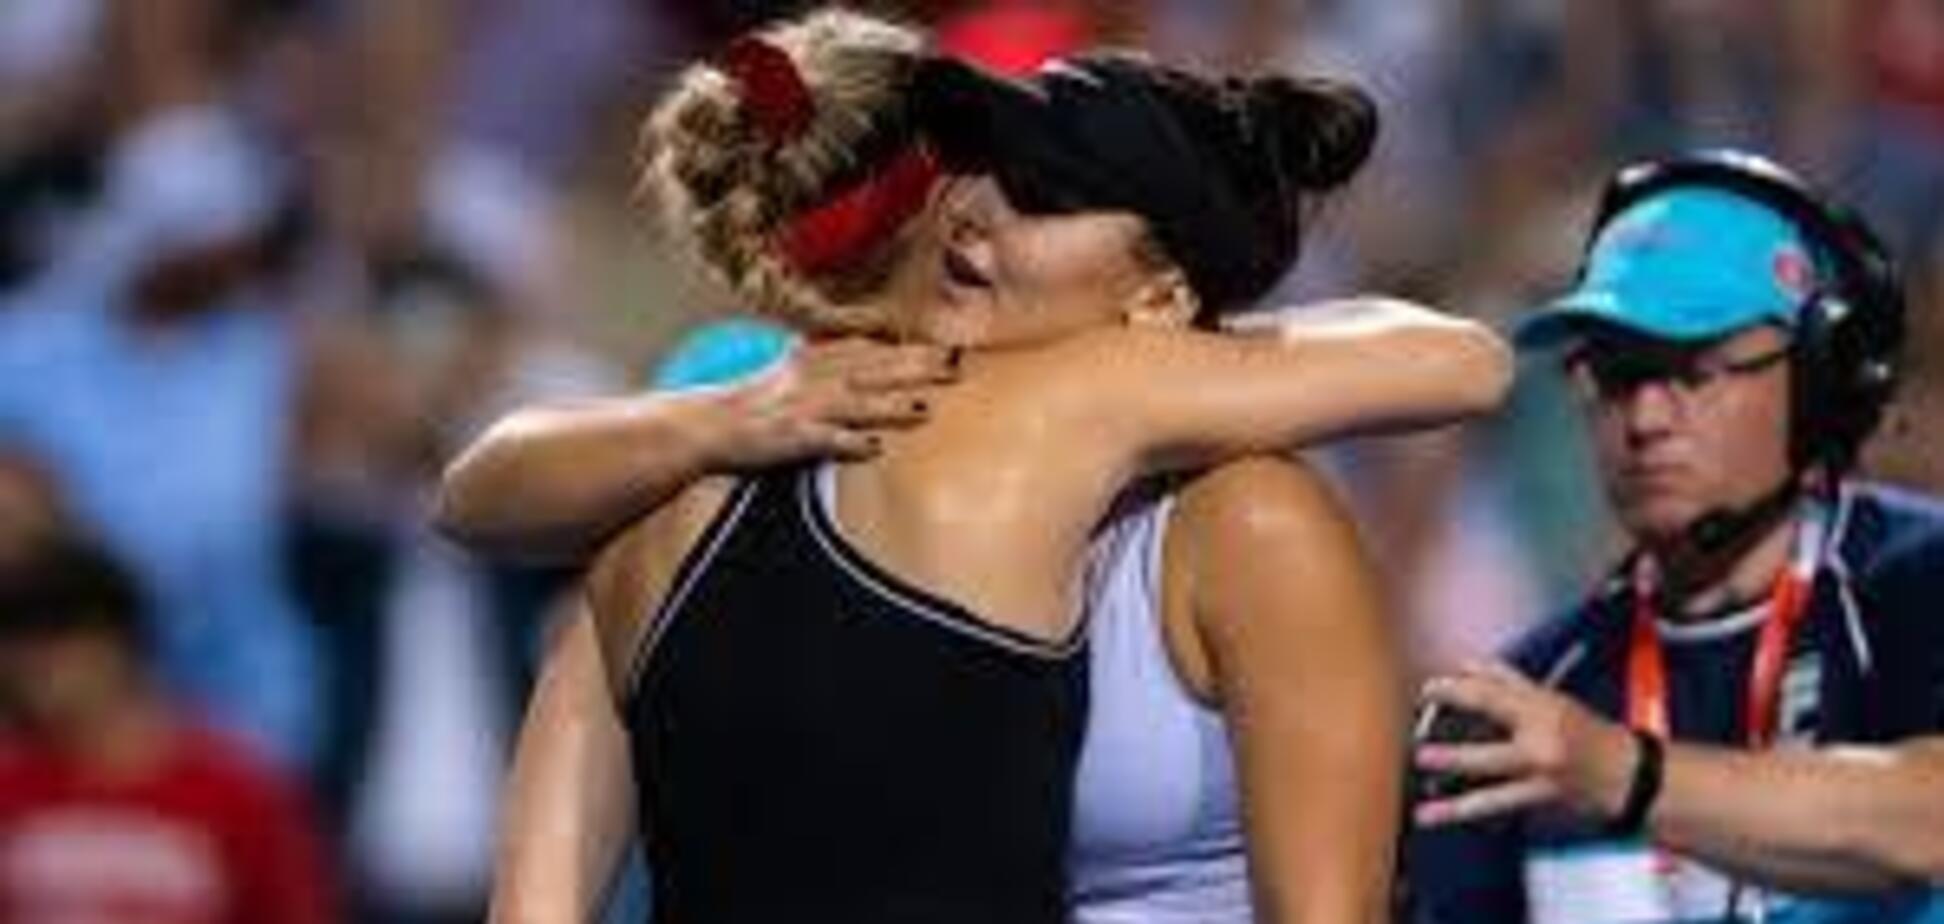 'Наші попки': знаменита тенісистка влаштувала флірт із суперницею